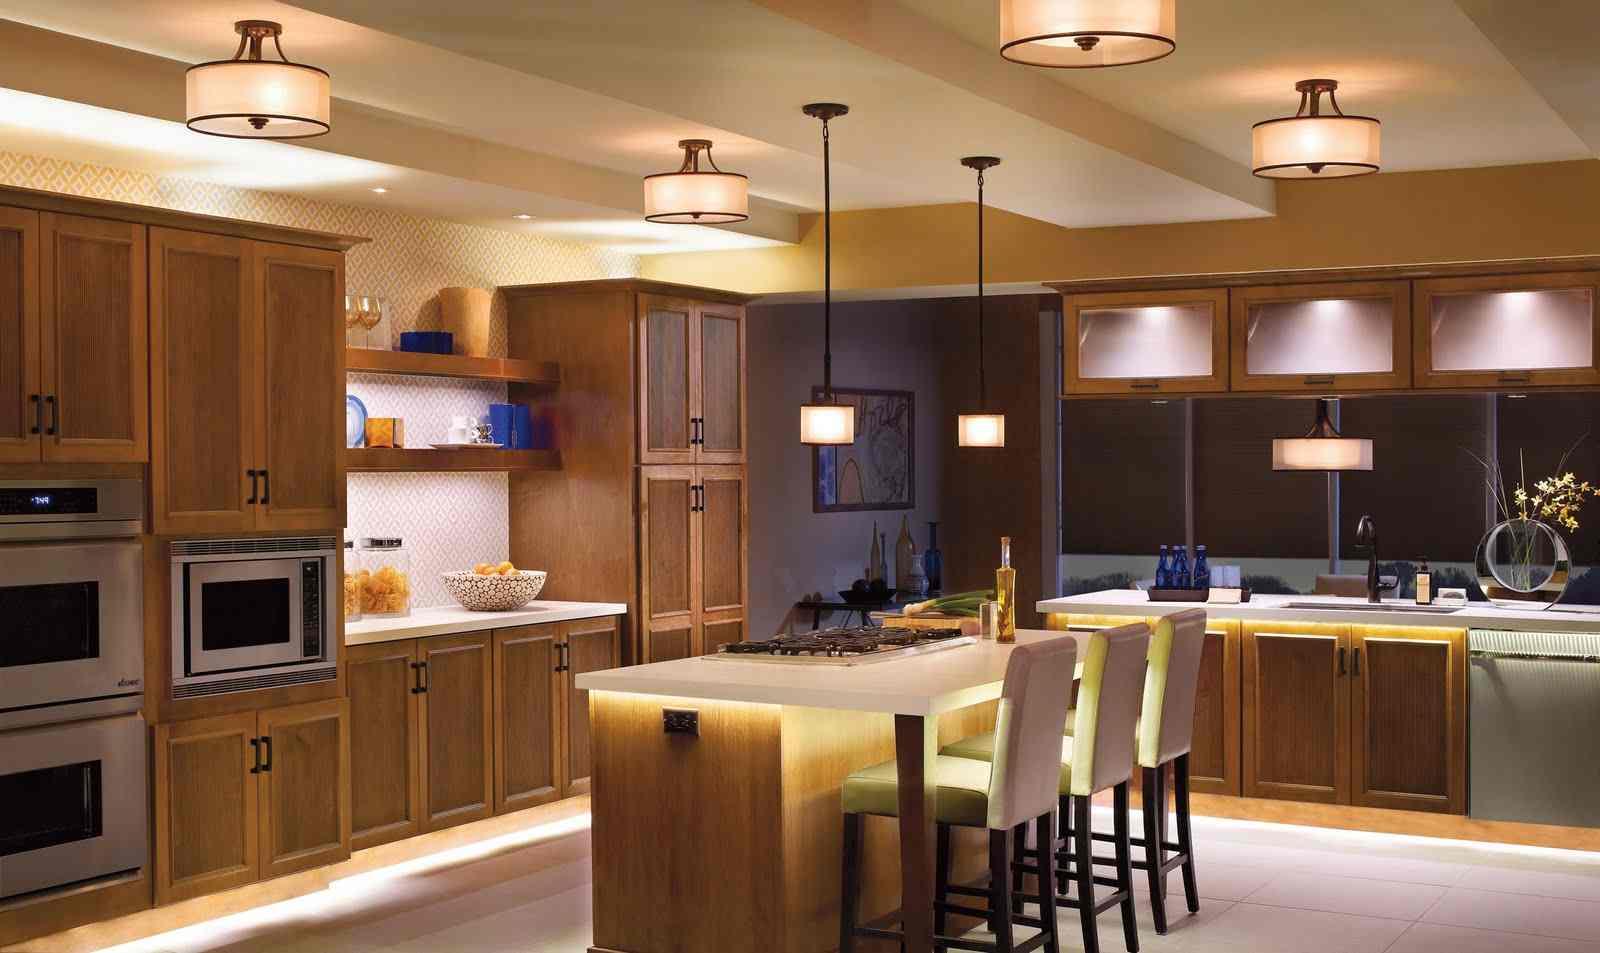 Amerikanische Küche mit der Größe und Möbeln